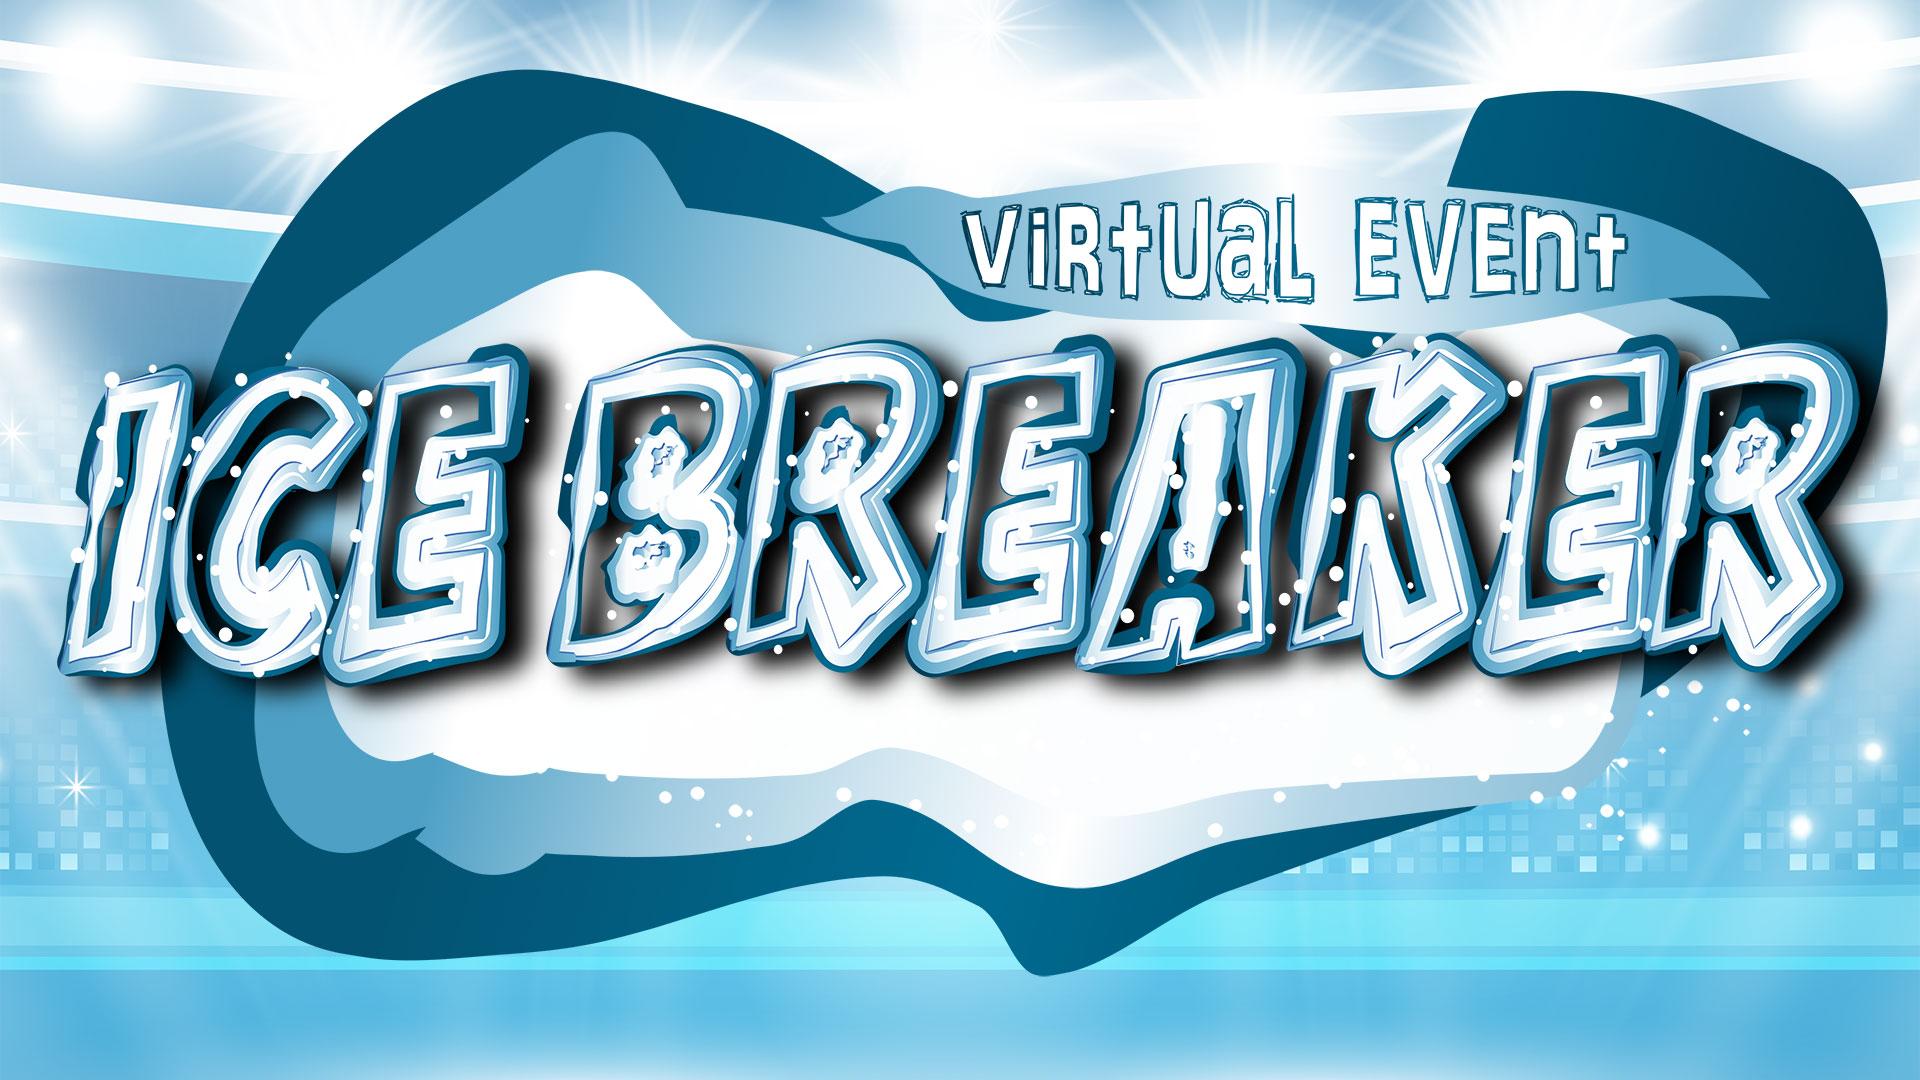 Cheercon Virtual Icebreaker